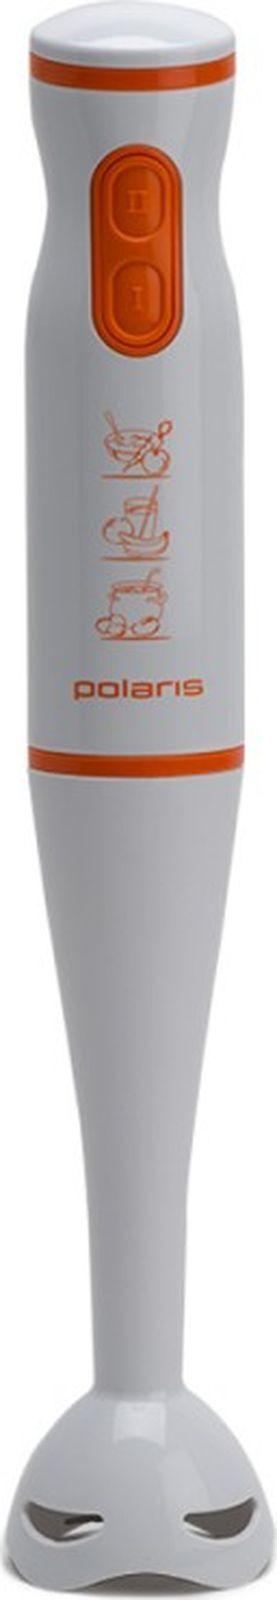 Блендер погружной Polaris PHB 0508, белый, оранжевый